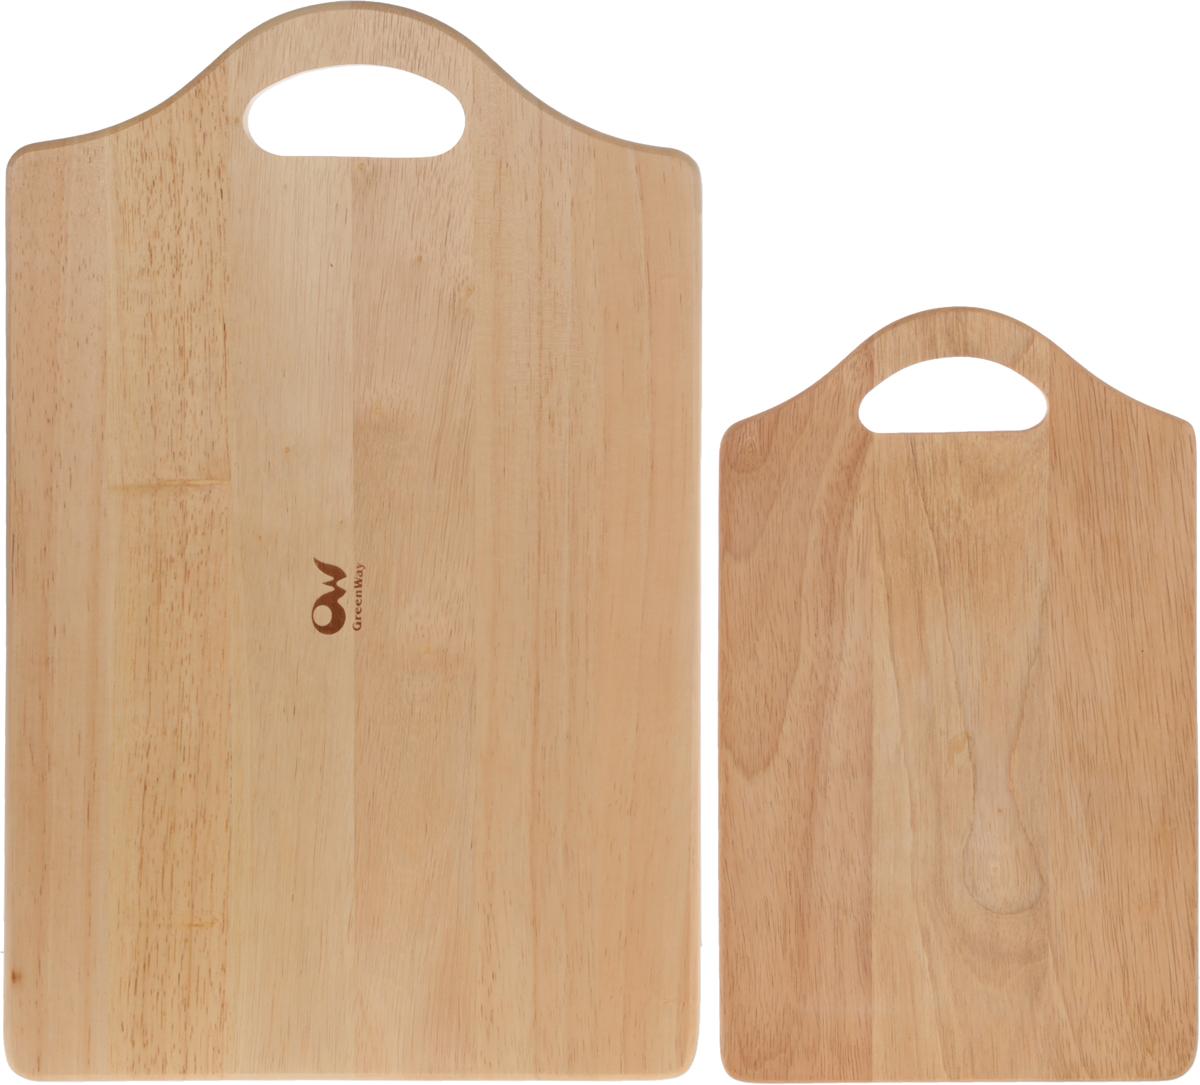 Набор разделочных досок Oriental Way Dommix, 2 штS730Комплект Oriental Way Dommix состоит из двух досок разного размера, изготовленных из древесины деревагевея. Прямоугольные разделочные доски с ручками прекрасно подходят для разделки пищи.Прочная древесина гевеи не портится от горячей воды и не впитывает влагу и запахи.Размер большой доски: 45 х 28 х 2 см Размер малой доски: 33 х 20 х 1 см.